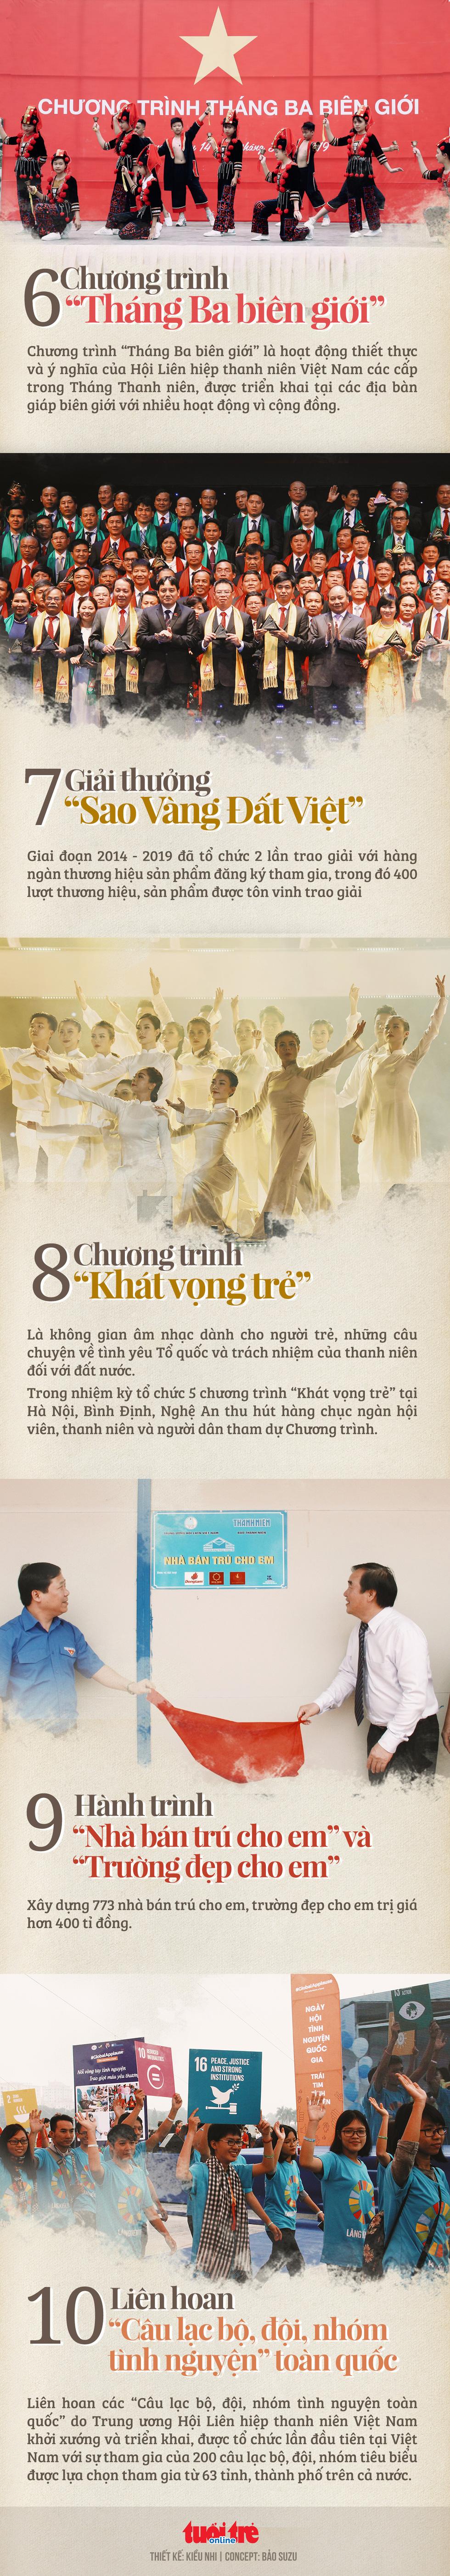 10 sự kiện, chương trình tiêu biểu của Hội Liên hiệp thanh niên Việt Nam - Ảnh 2.